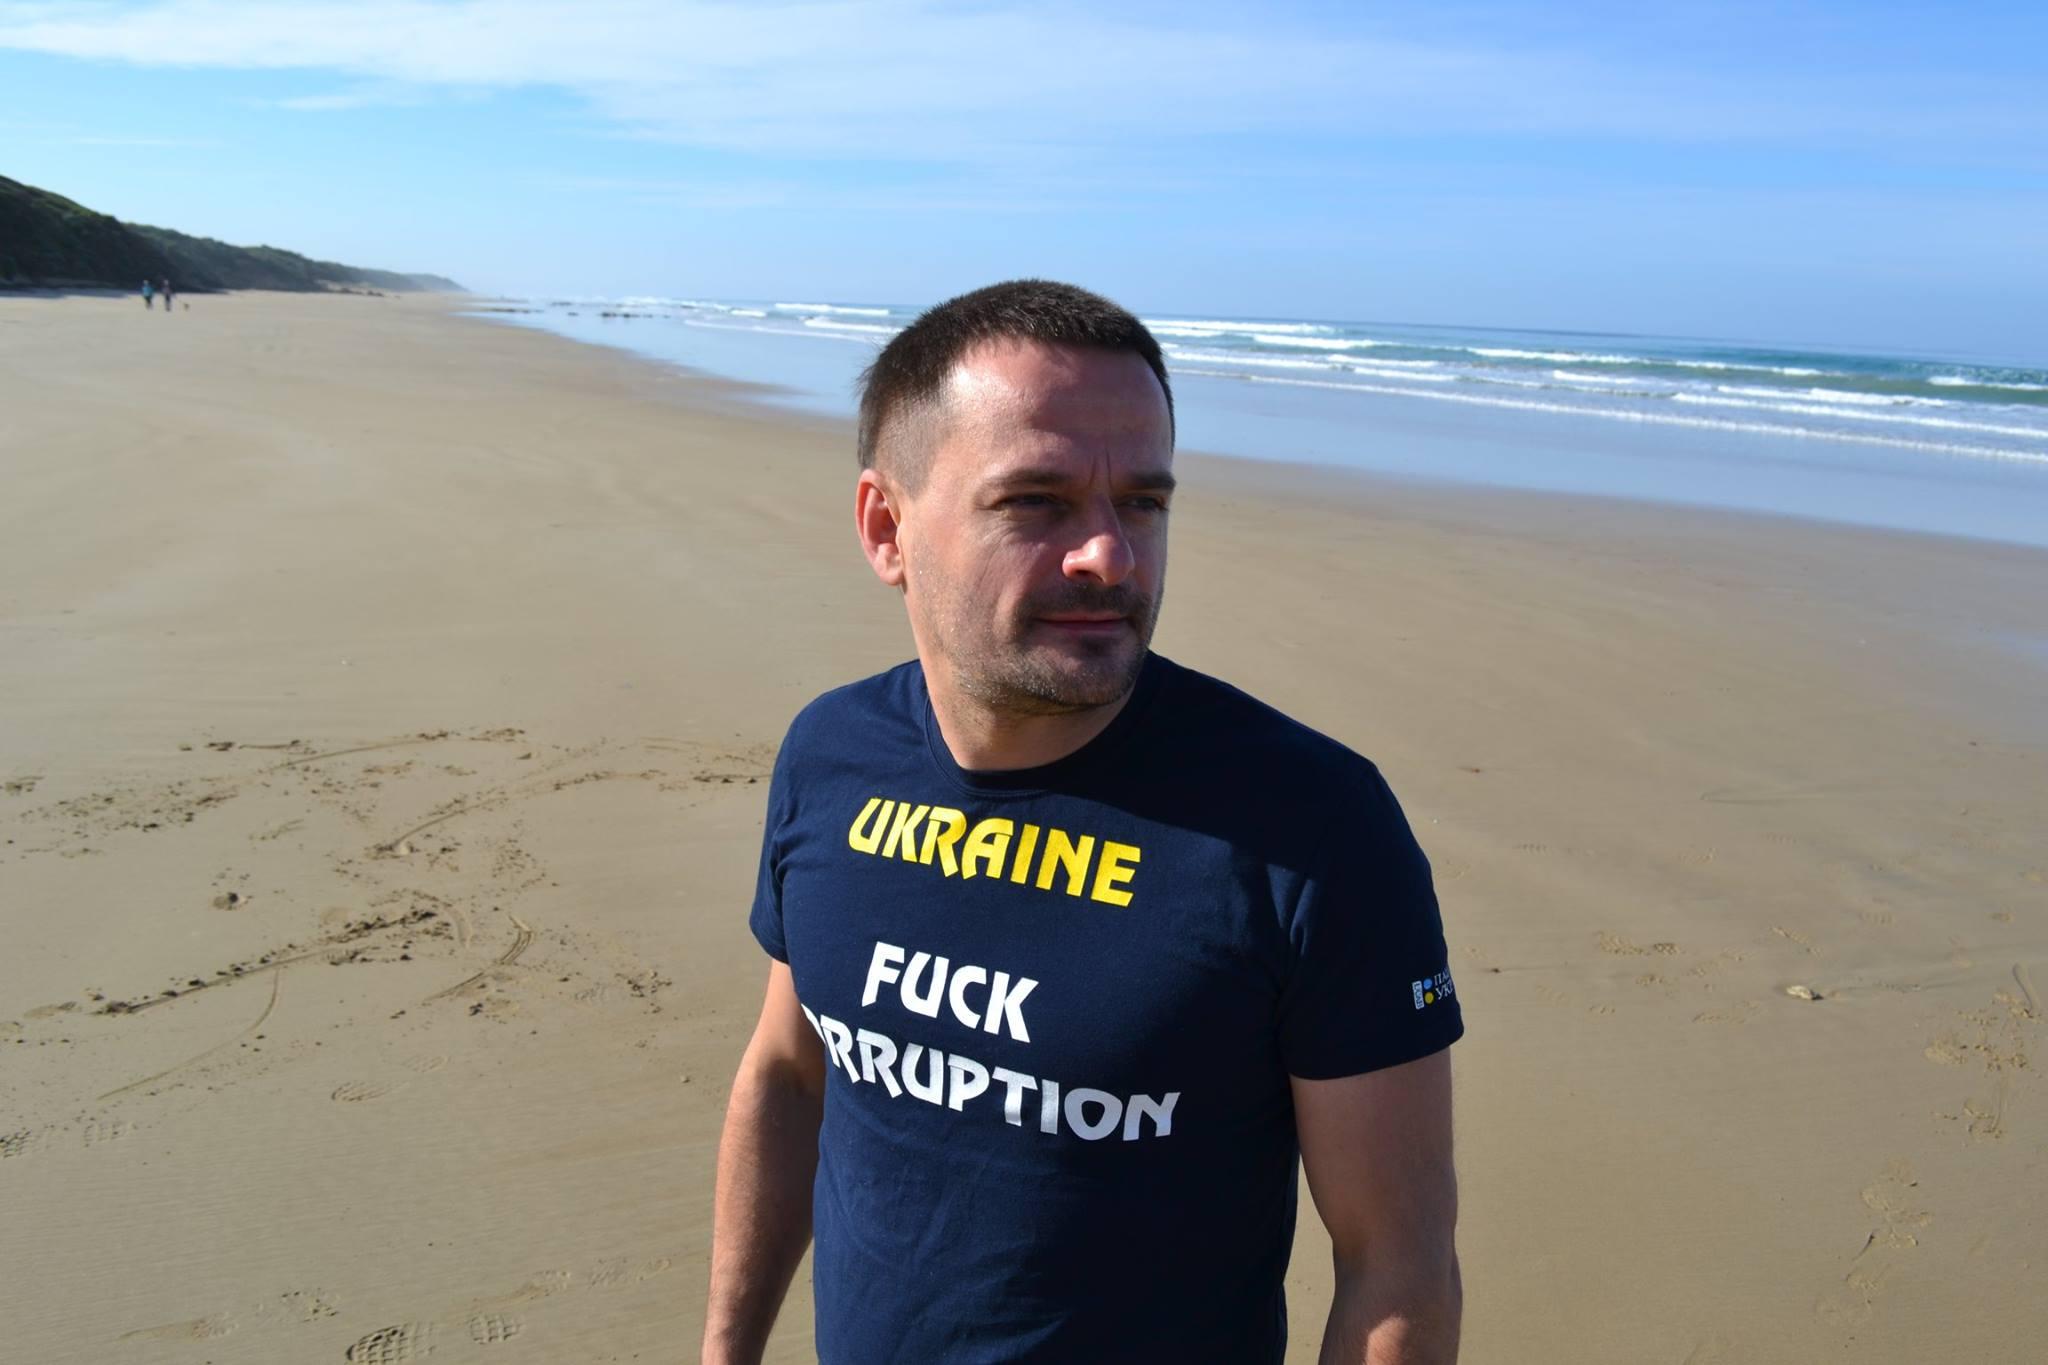 """Дмитрий Шерембей: """"Я женат шесть лет, у нас двое здоровых детей и на мне нет никакого клейма"""""""